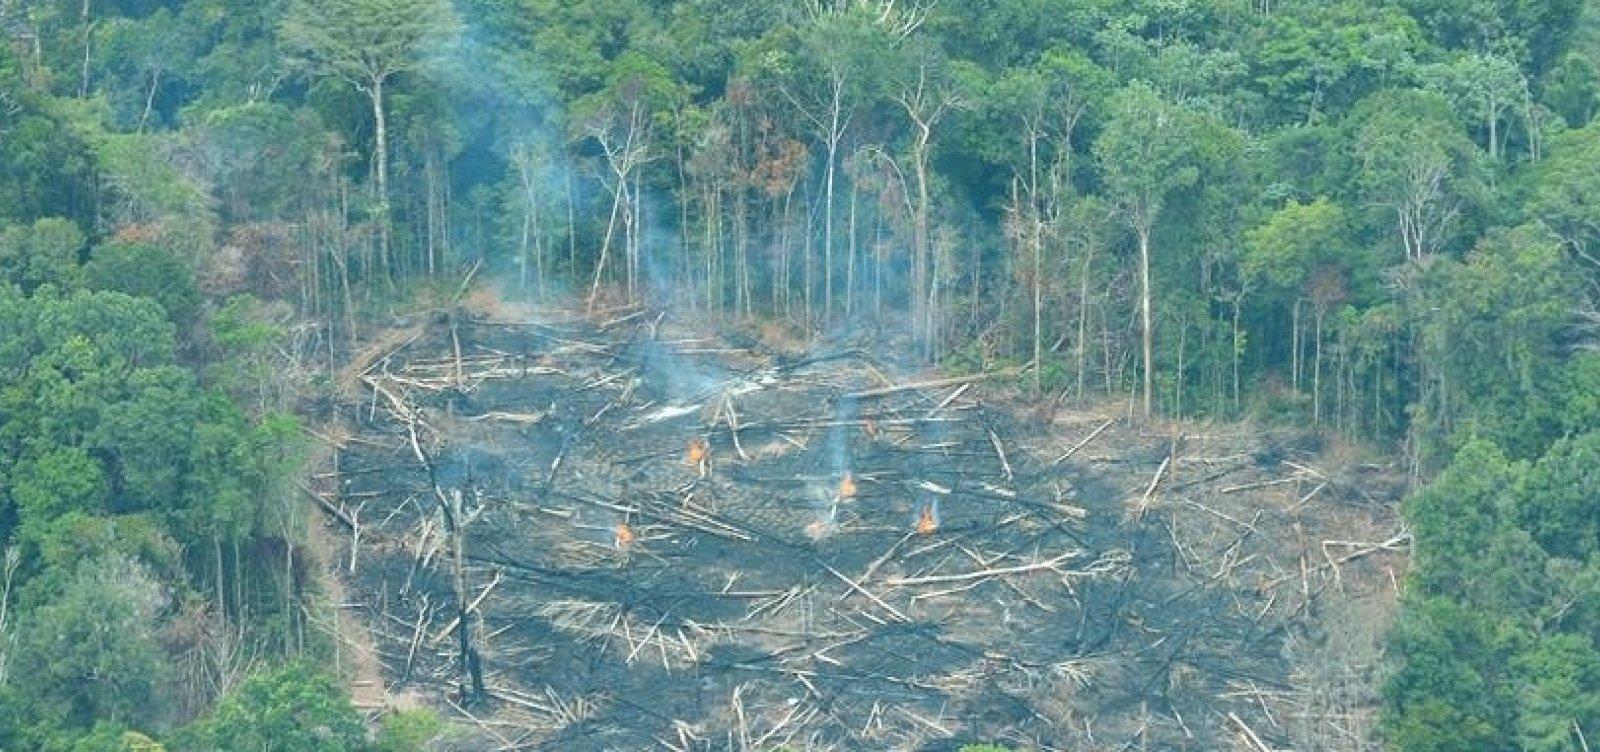 [Desmatamento na Amazônia cresceu 14% em dezembro, aponta Inpe]